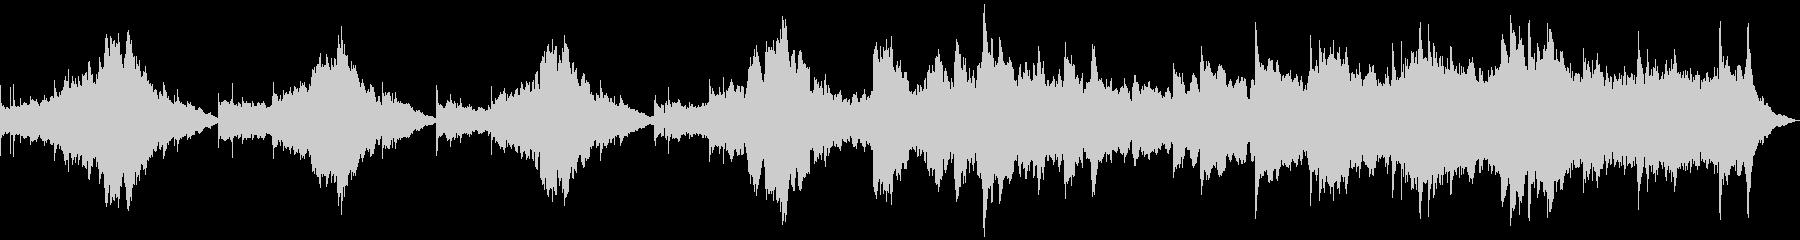 現代の交響曲 ファンタジー 魔法 ...の未再生の波形